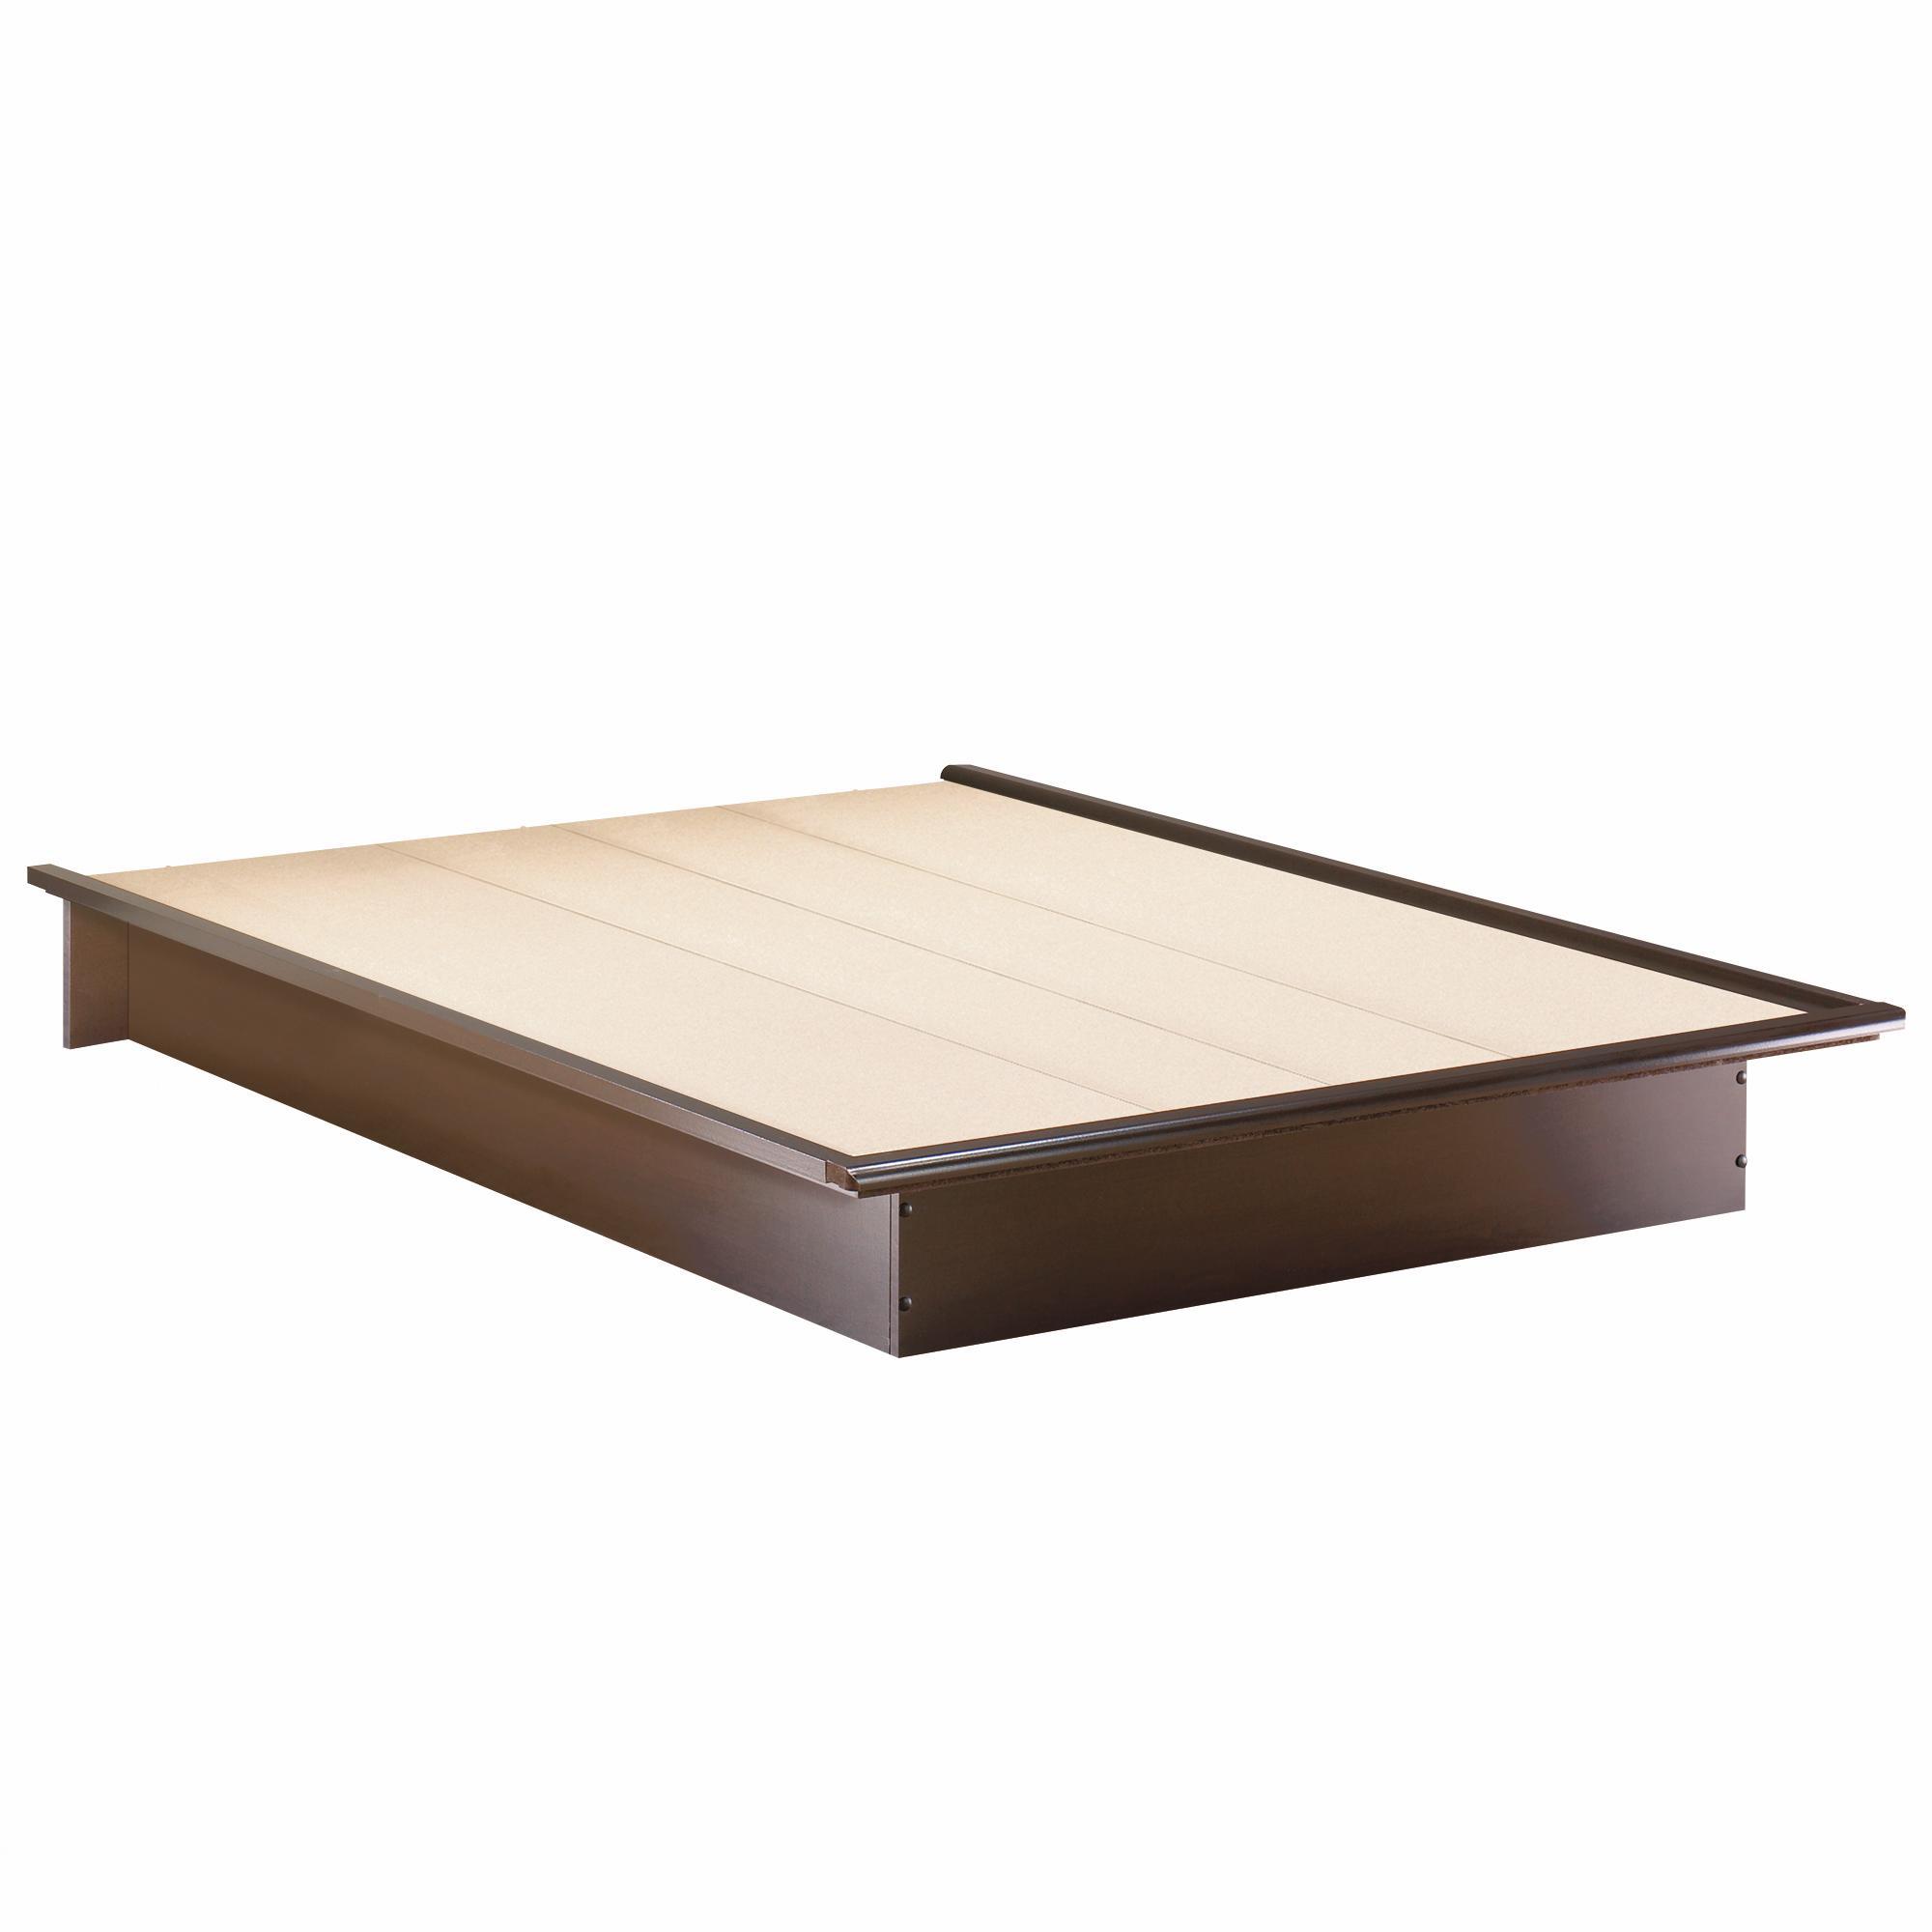 south shore back bay queen platform bed 60 by oj. Black Bedroom Furniture Sets. Home Design Ideas